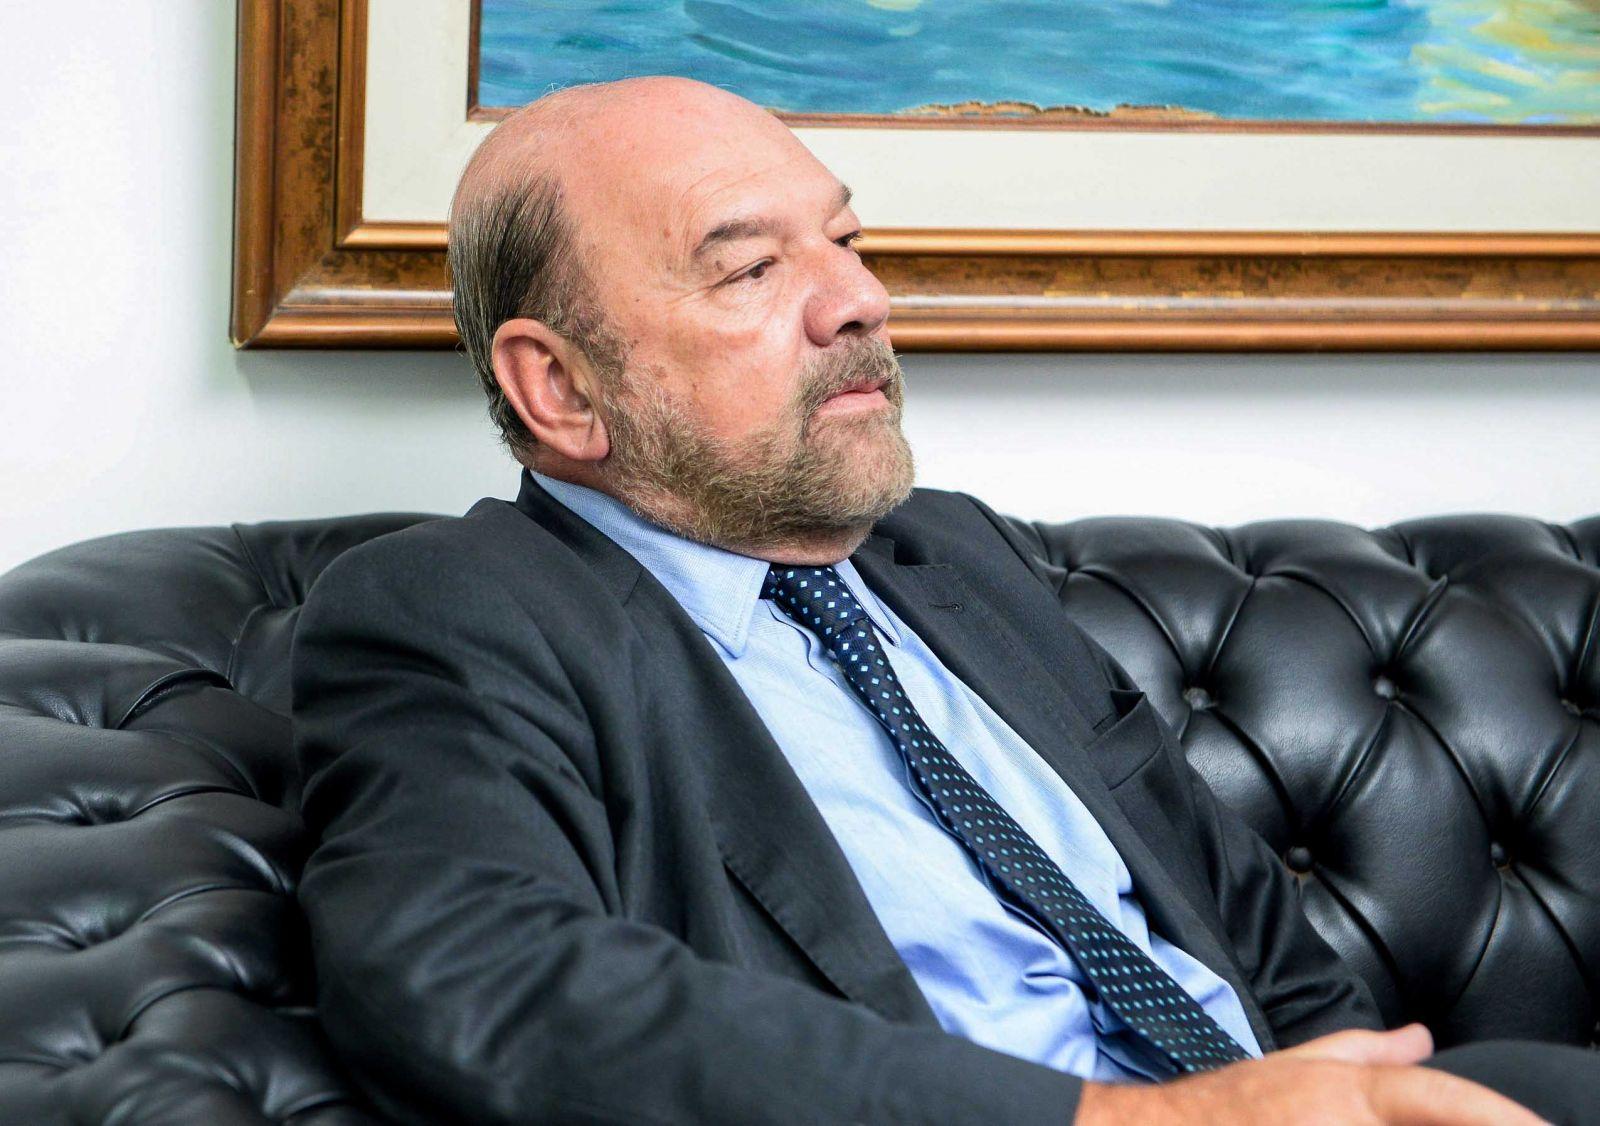 Sérgio Habib prof. de advocacia na Bahia, é o destaque advocatício 2016